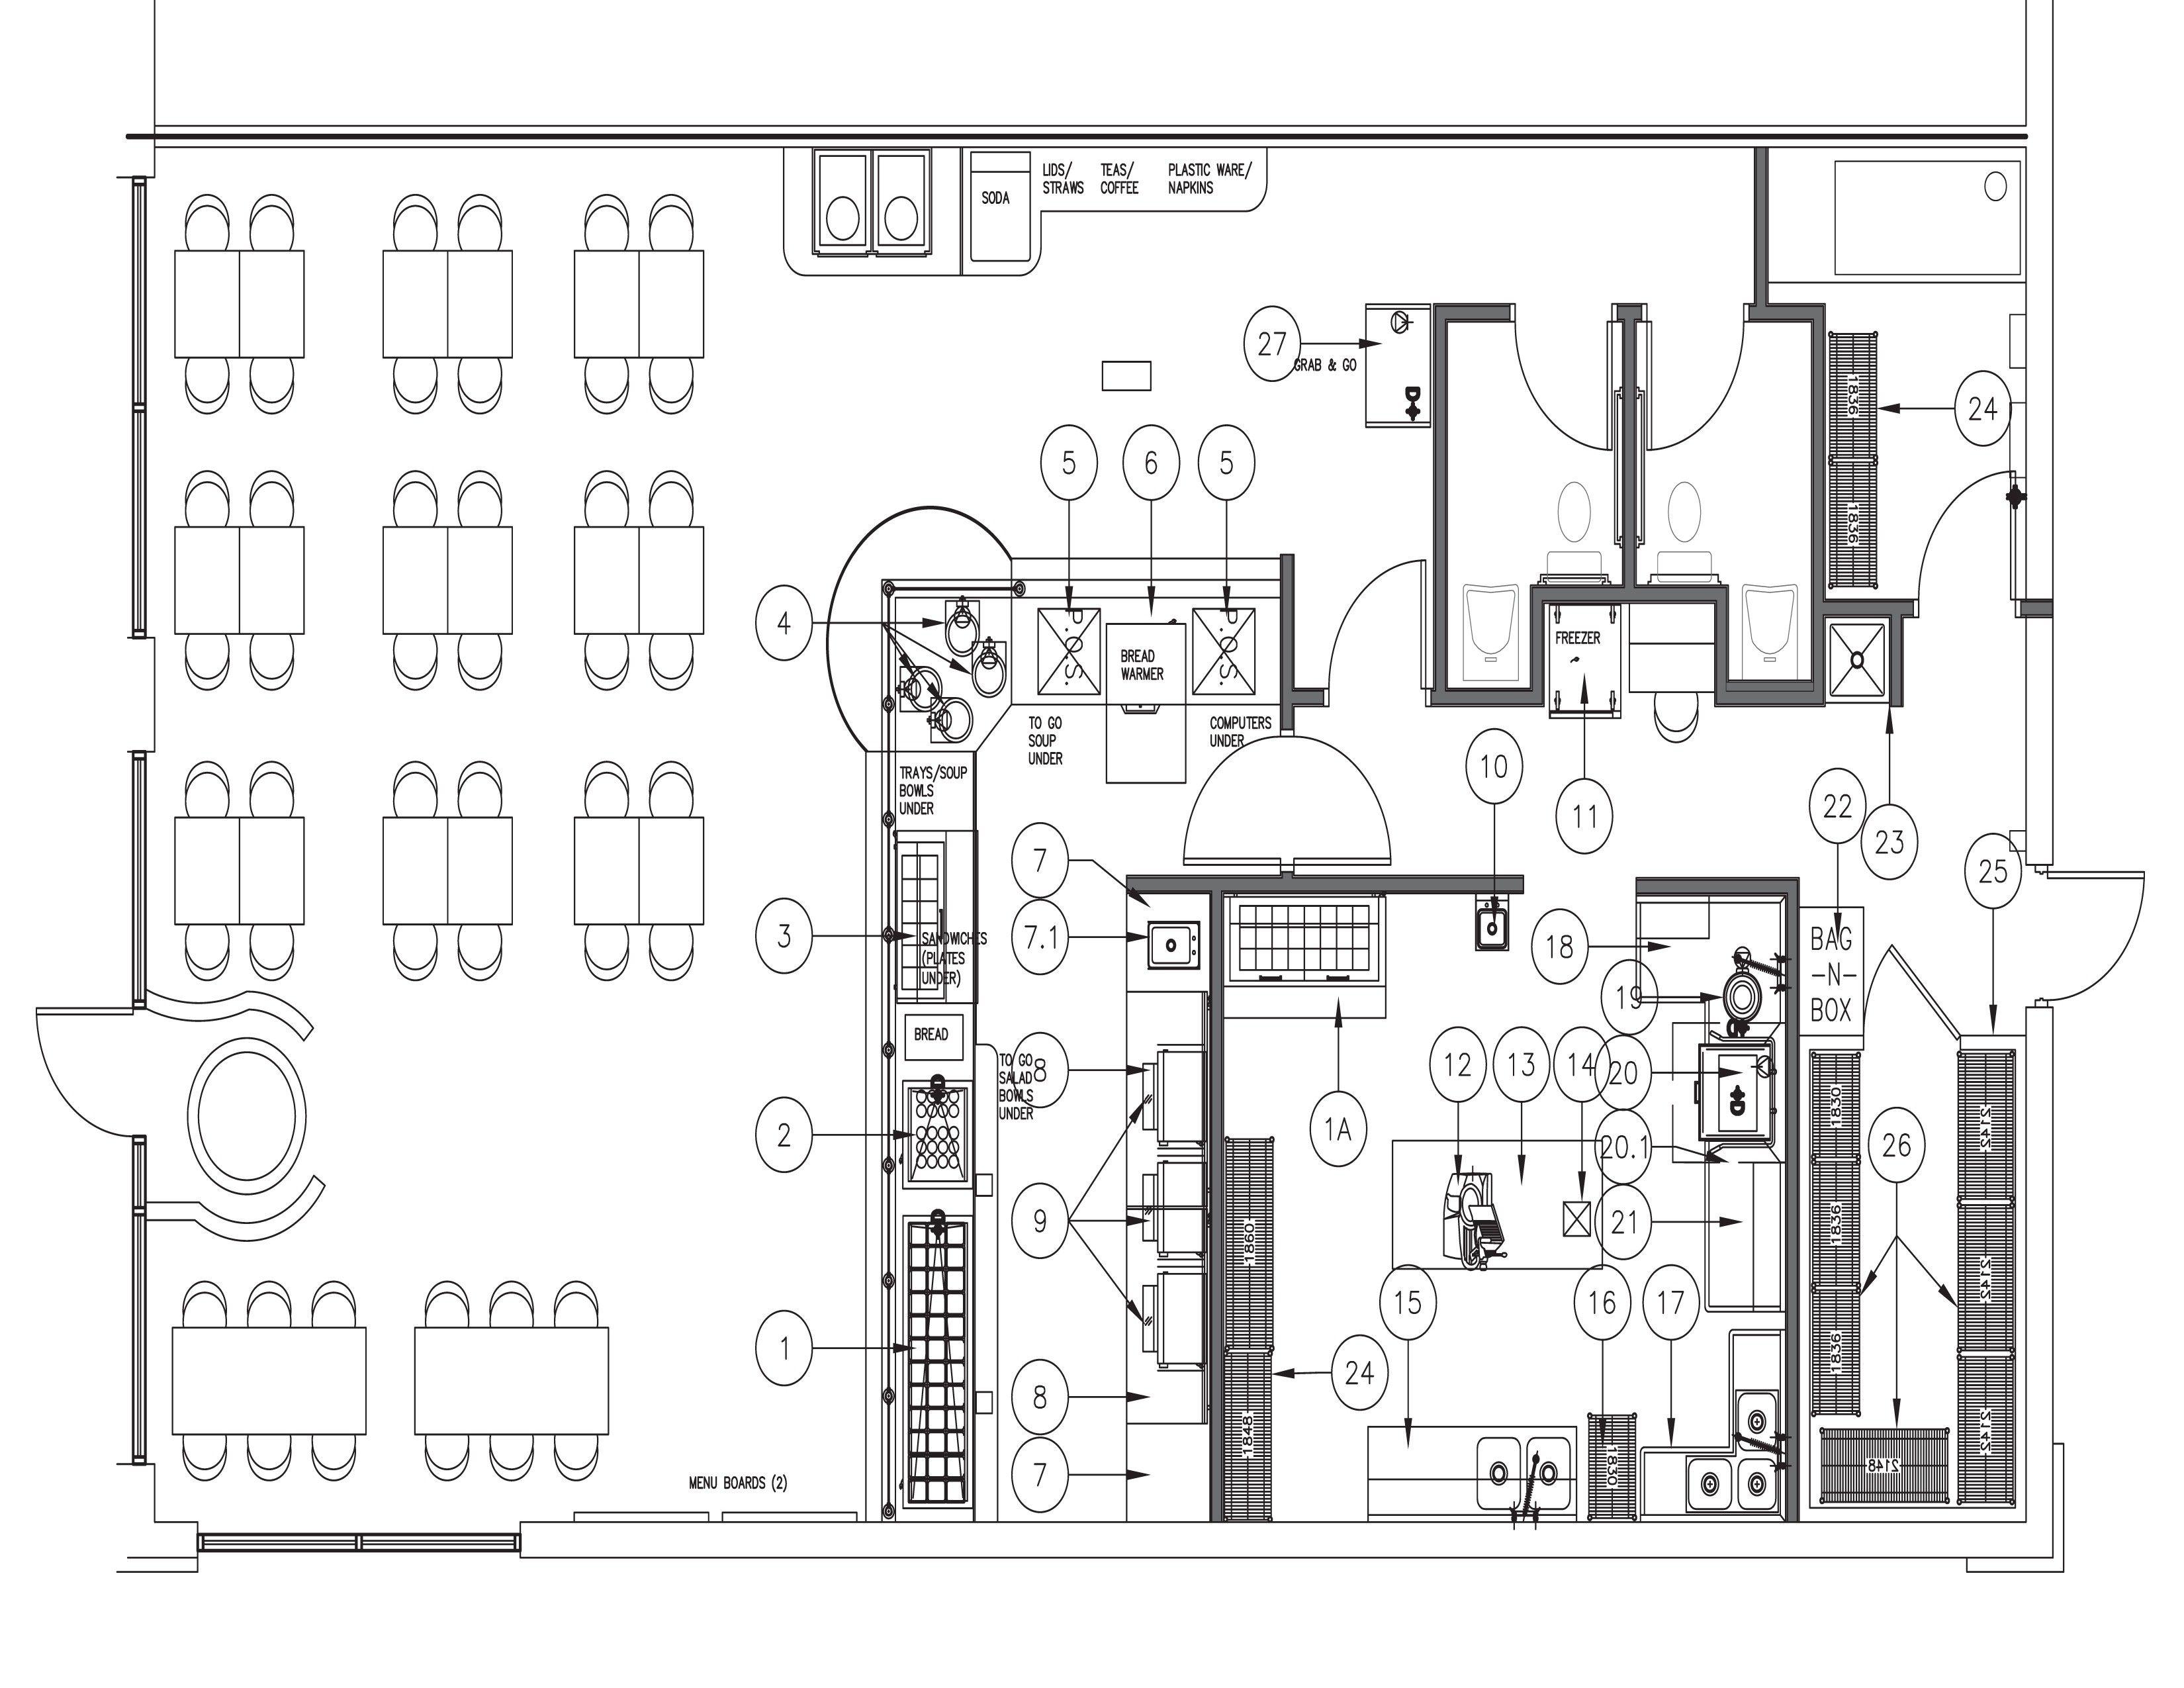 Italian Restaurant Kitchen Equipment Home Design Ideas Essentials In 2020 Restaurant Layout Kitchen Layout Kitchen Layout Plans